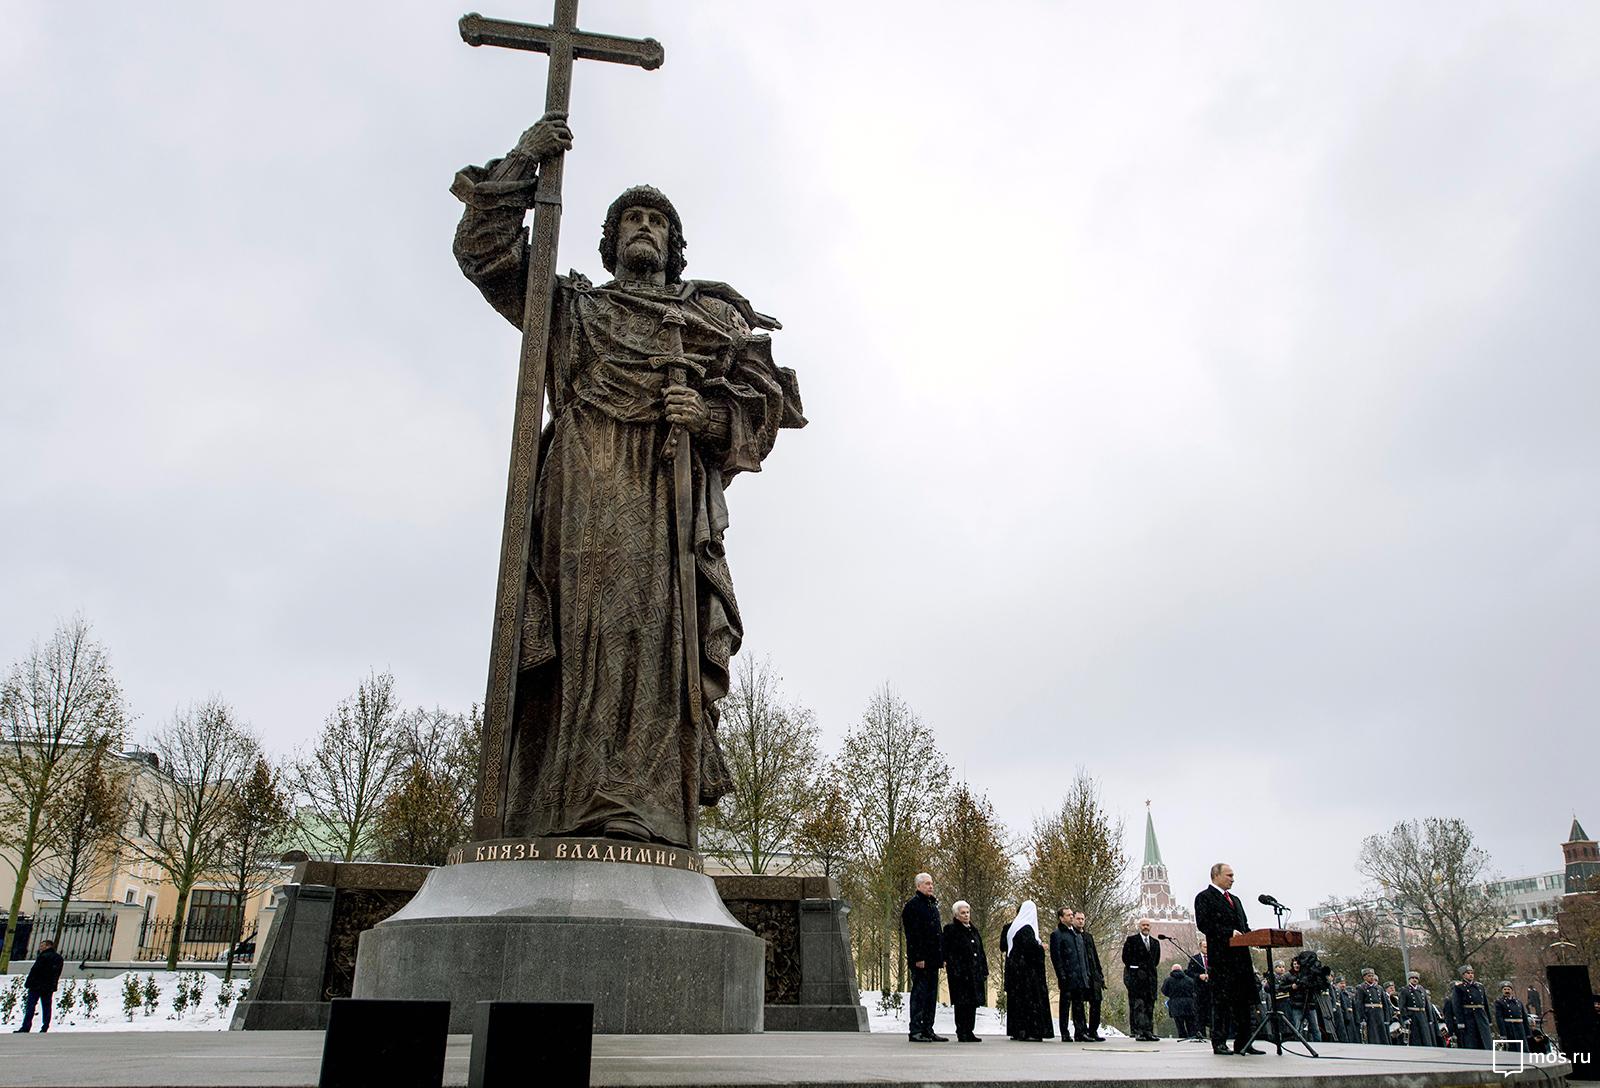 Описание памятника в россии на английском языке изготовление памятников екатеринбург а